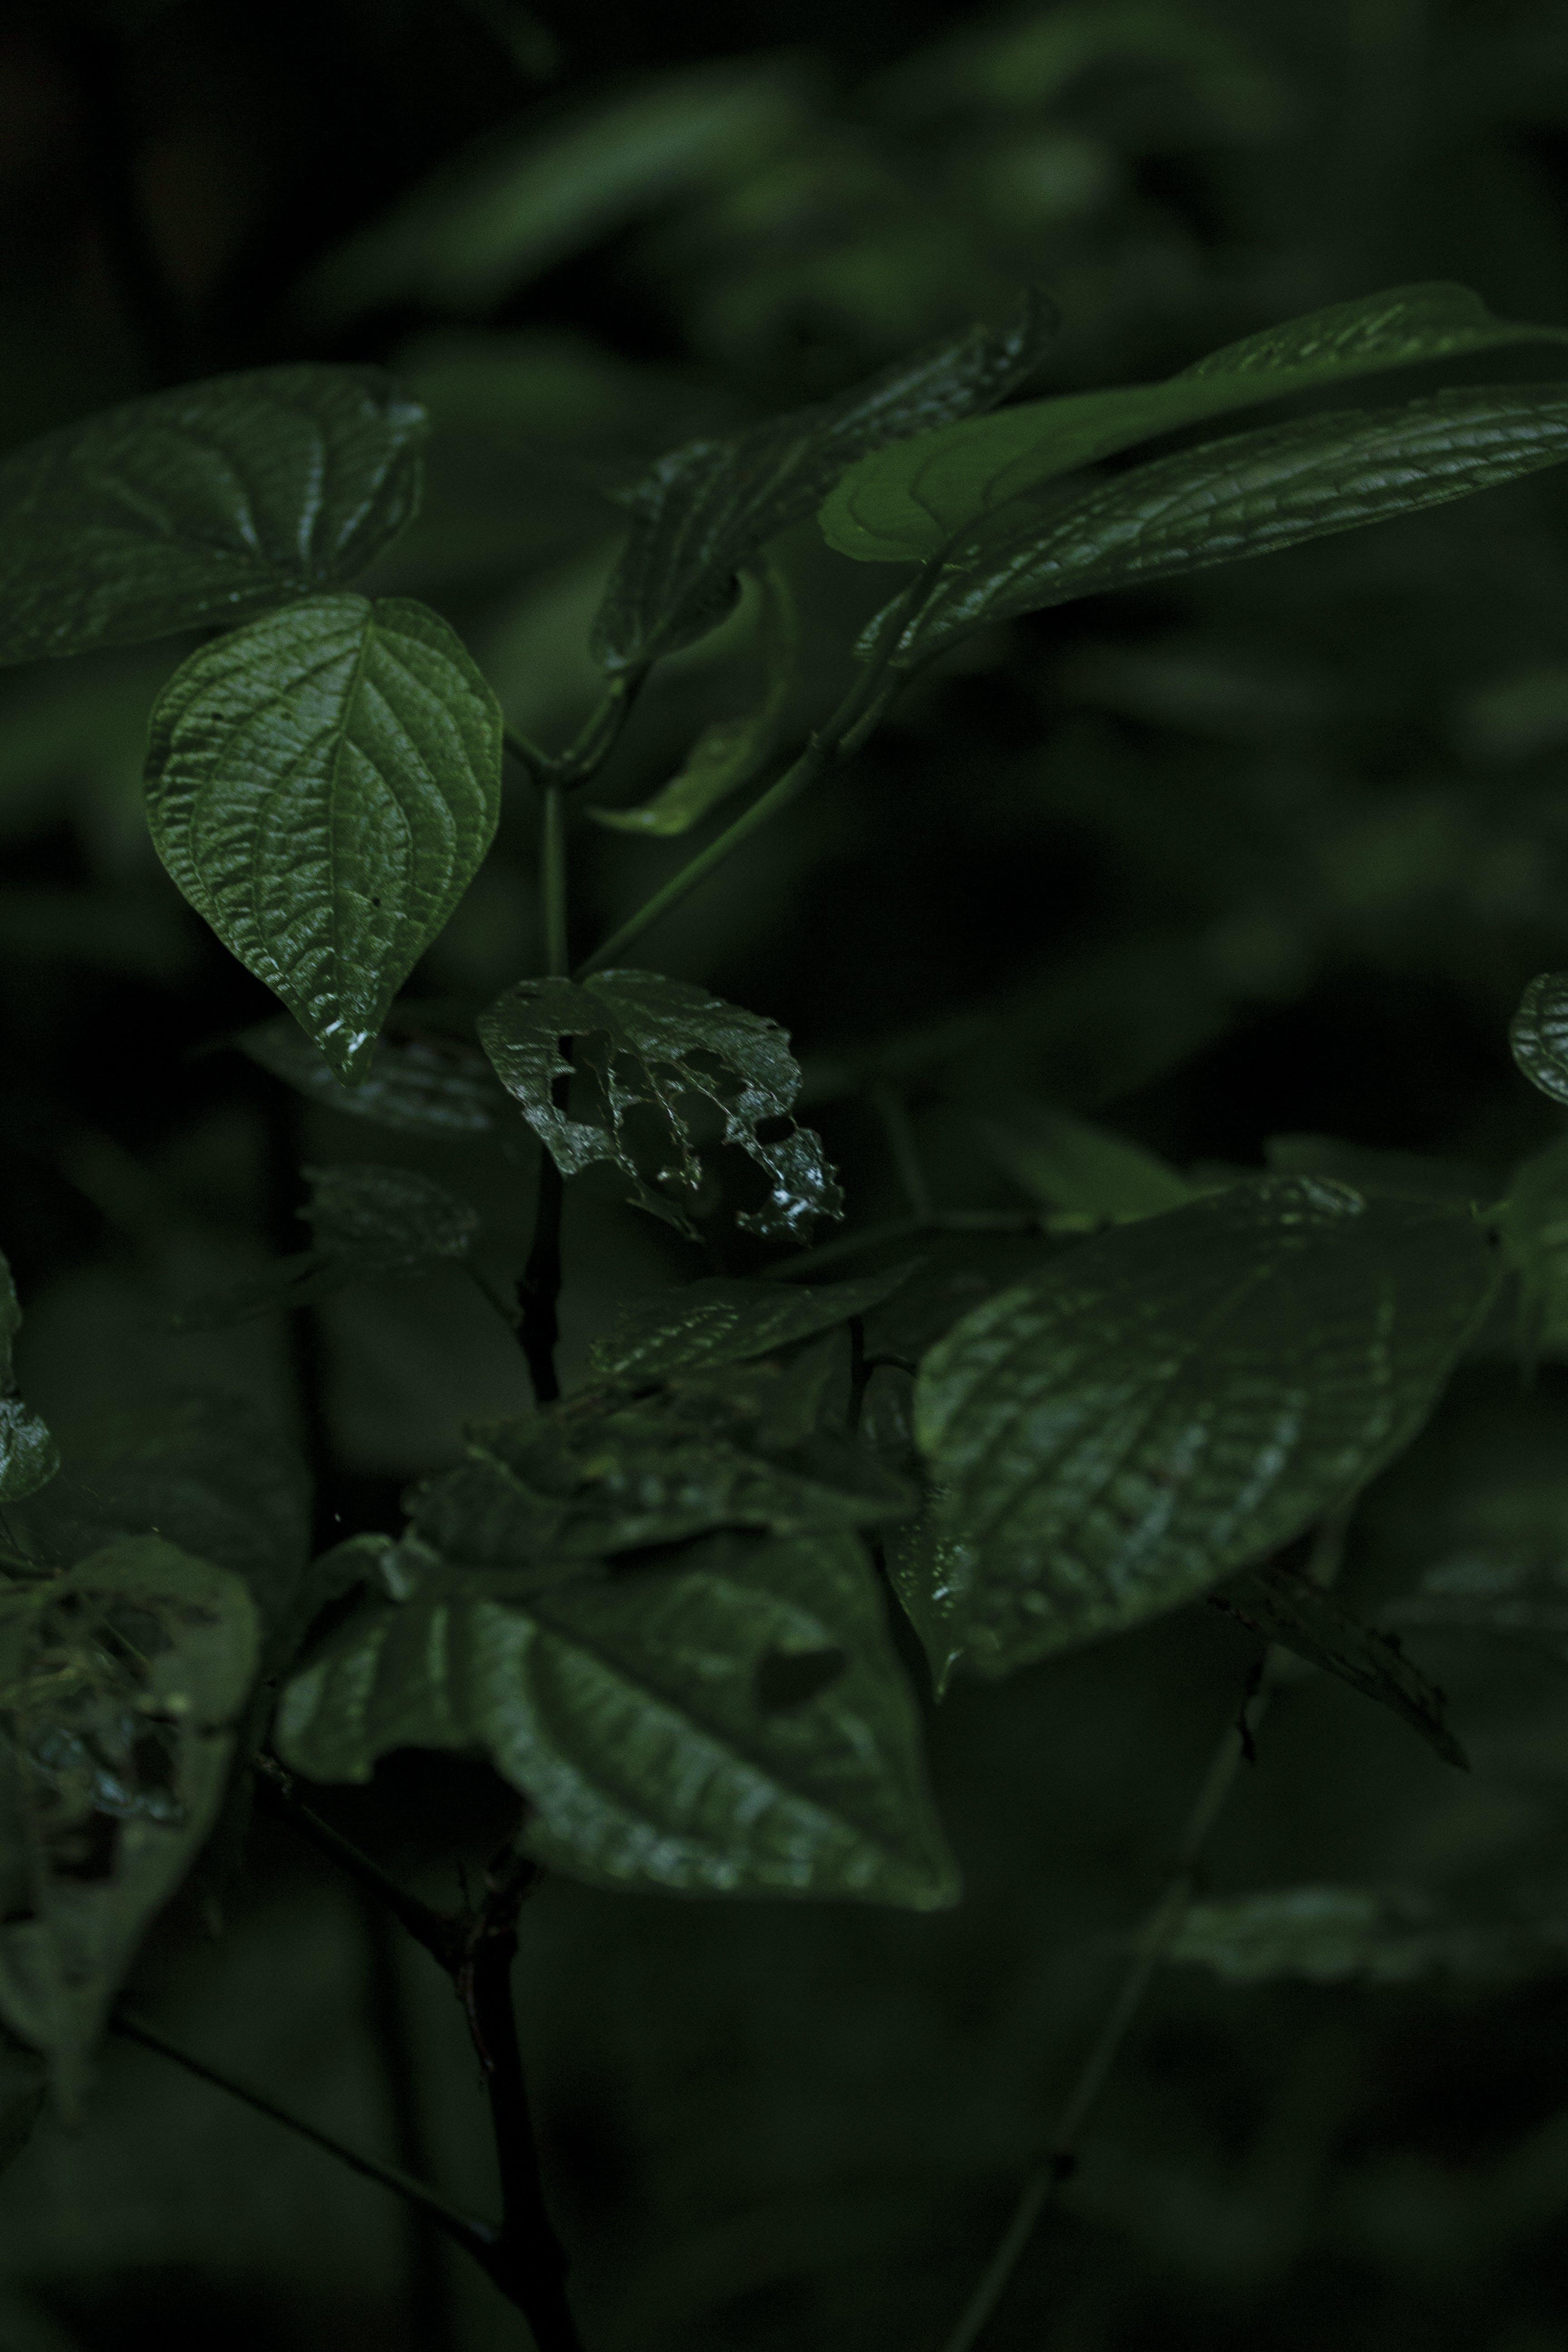 คลังภาพถ่ายฟรี ของ การเจริญเติบโต, พืช, สวน, สีเขียว